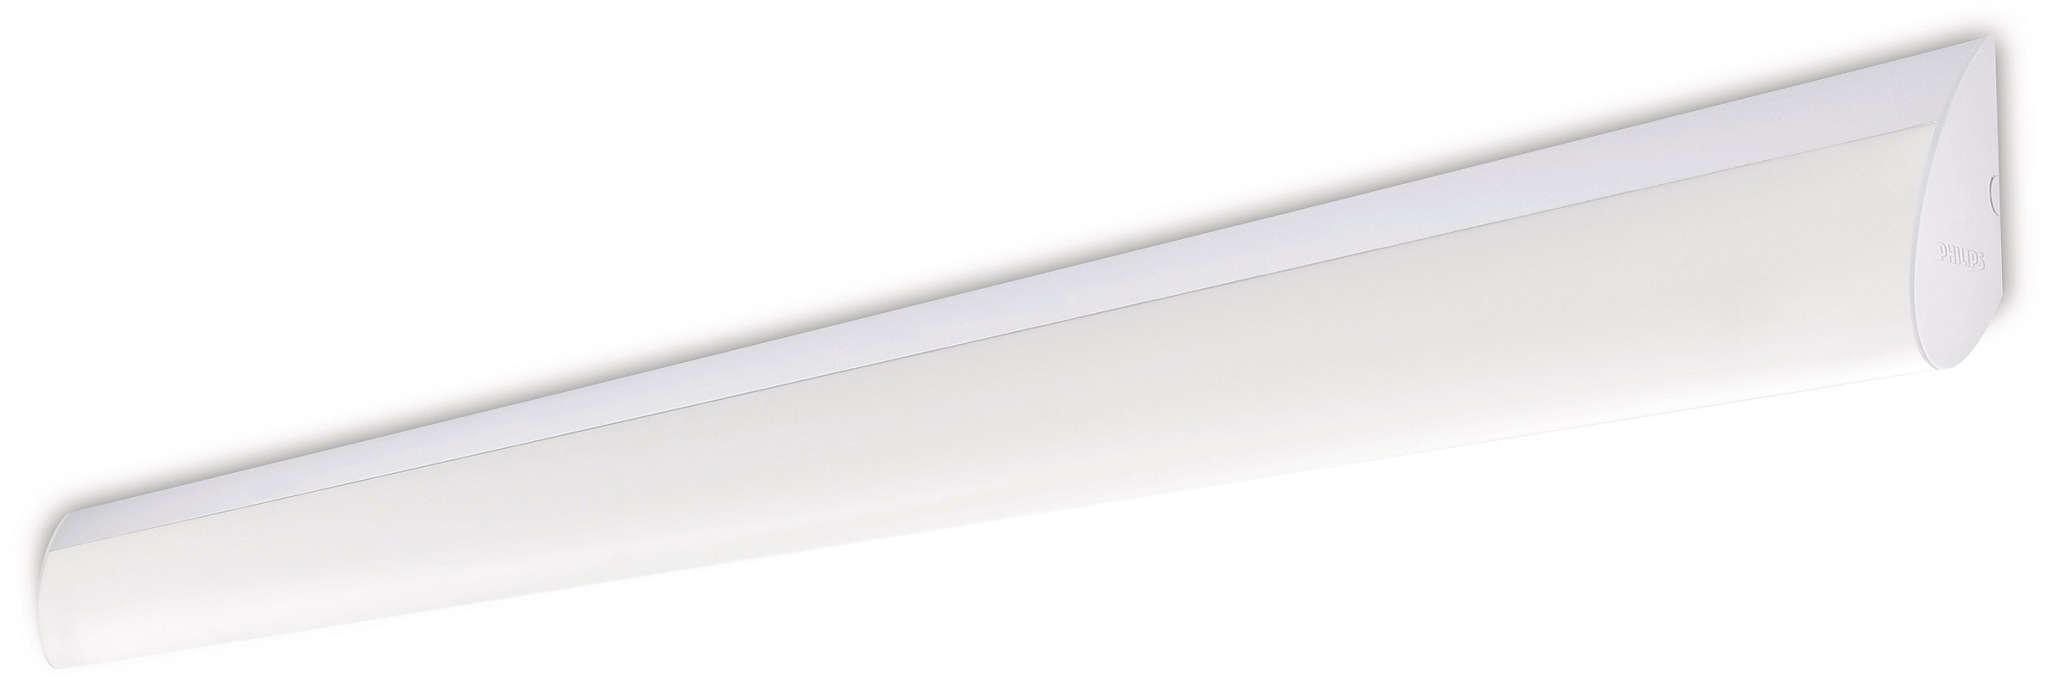 Ánh sáng tuyến tính mạnh mẽ